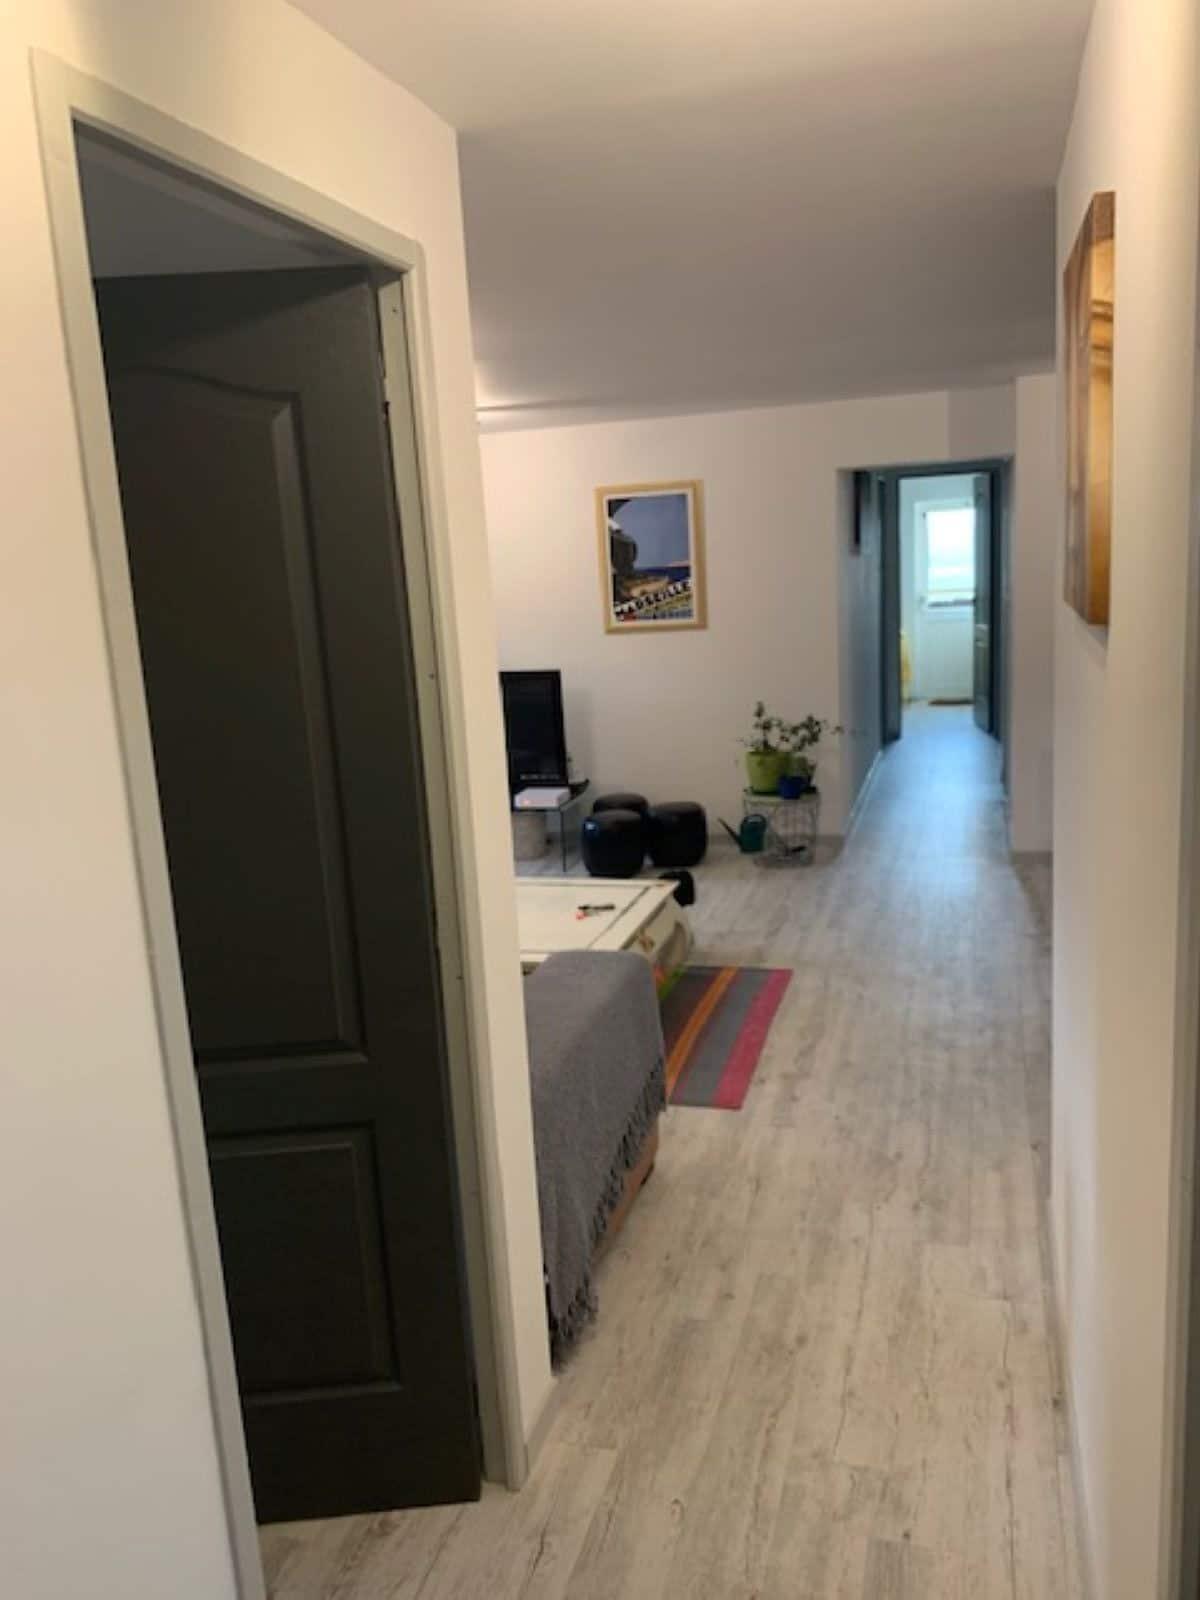 couloir - ANCELLE T4 DE 100 m² (6 COUCHAGES)